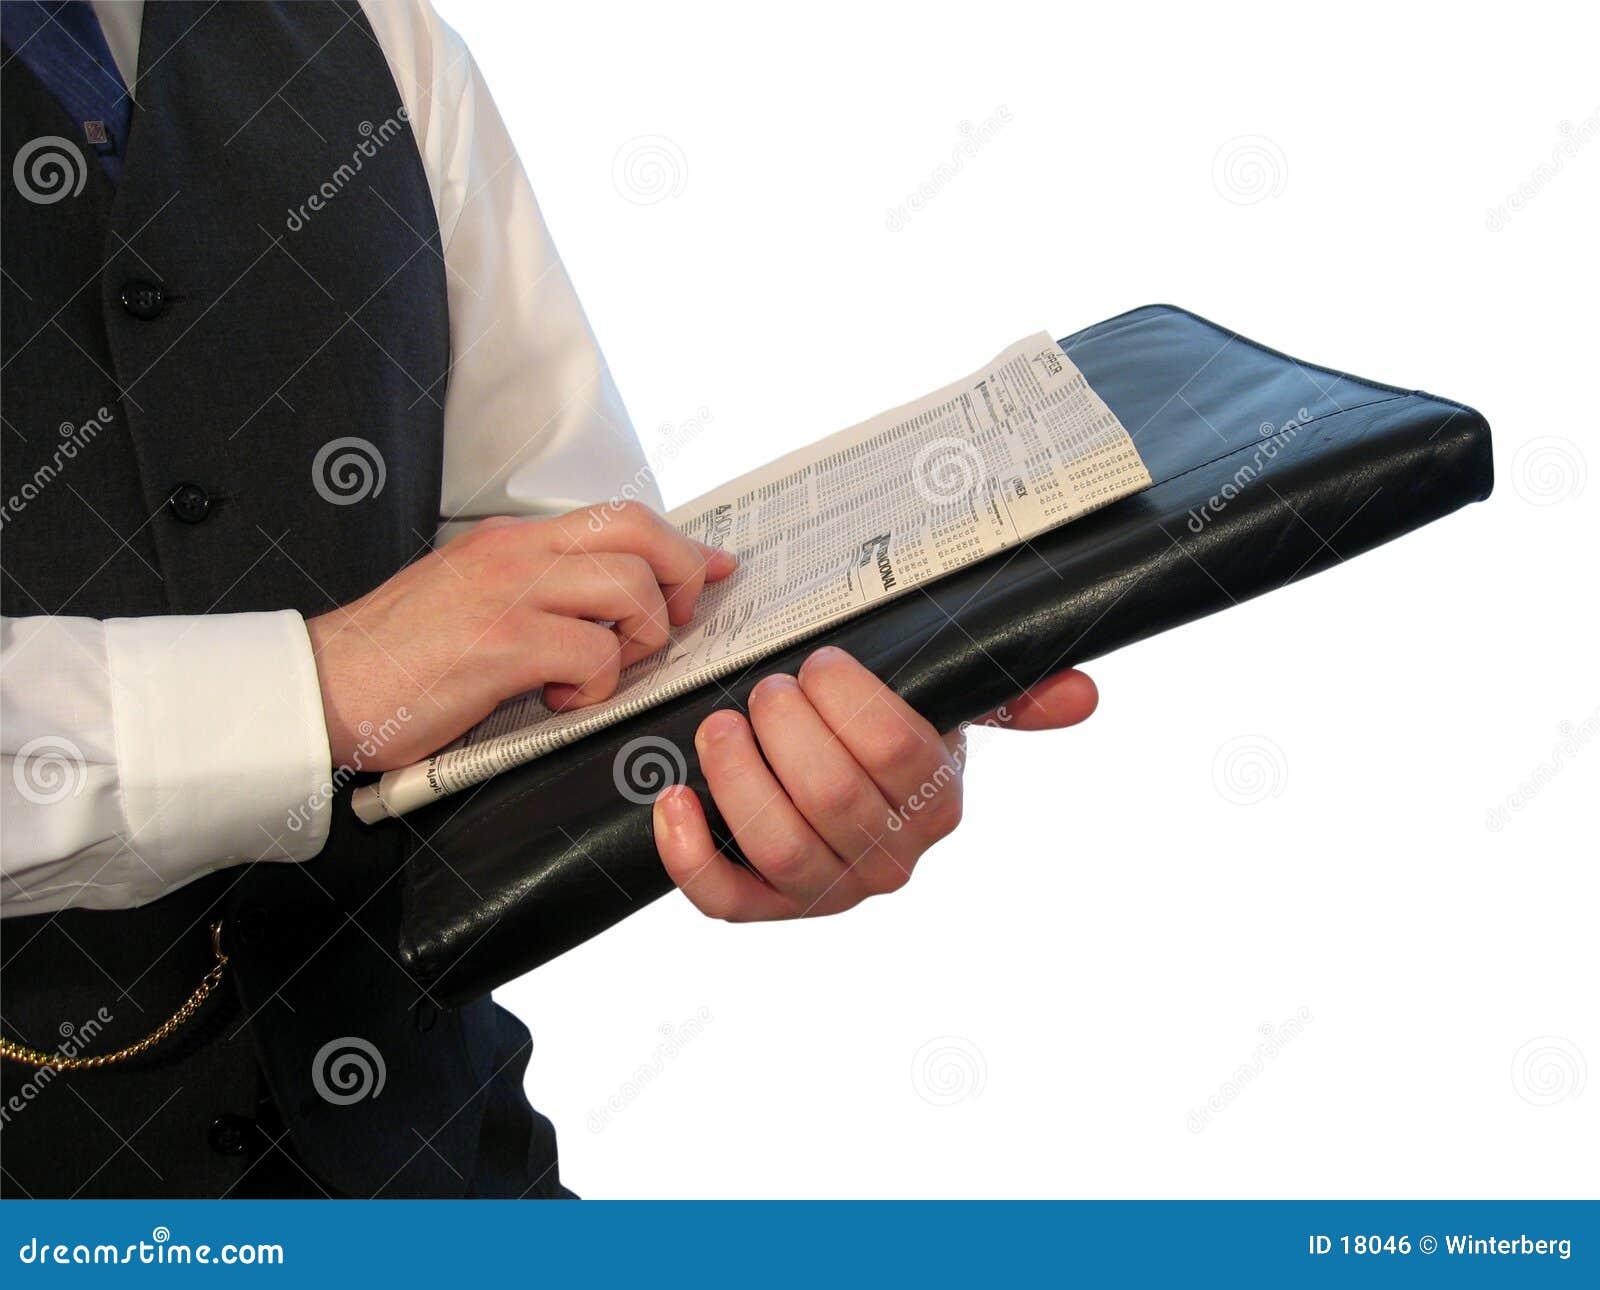 Newspaper on Briefcase